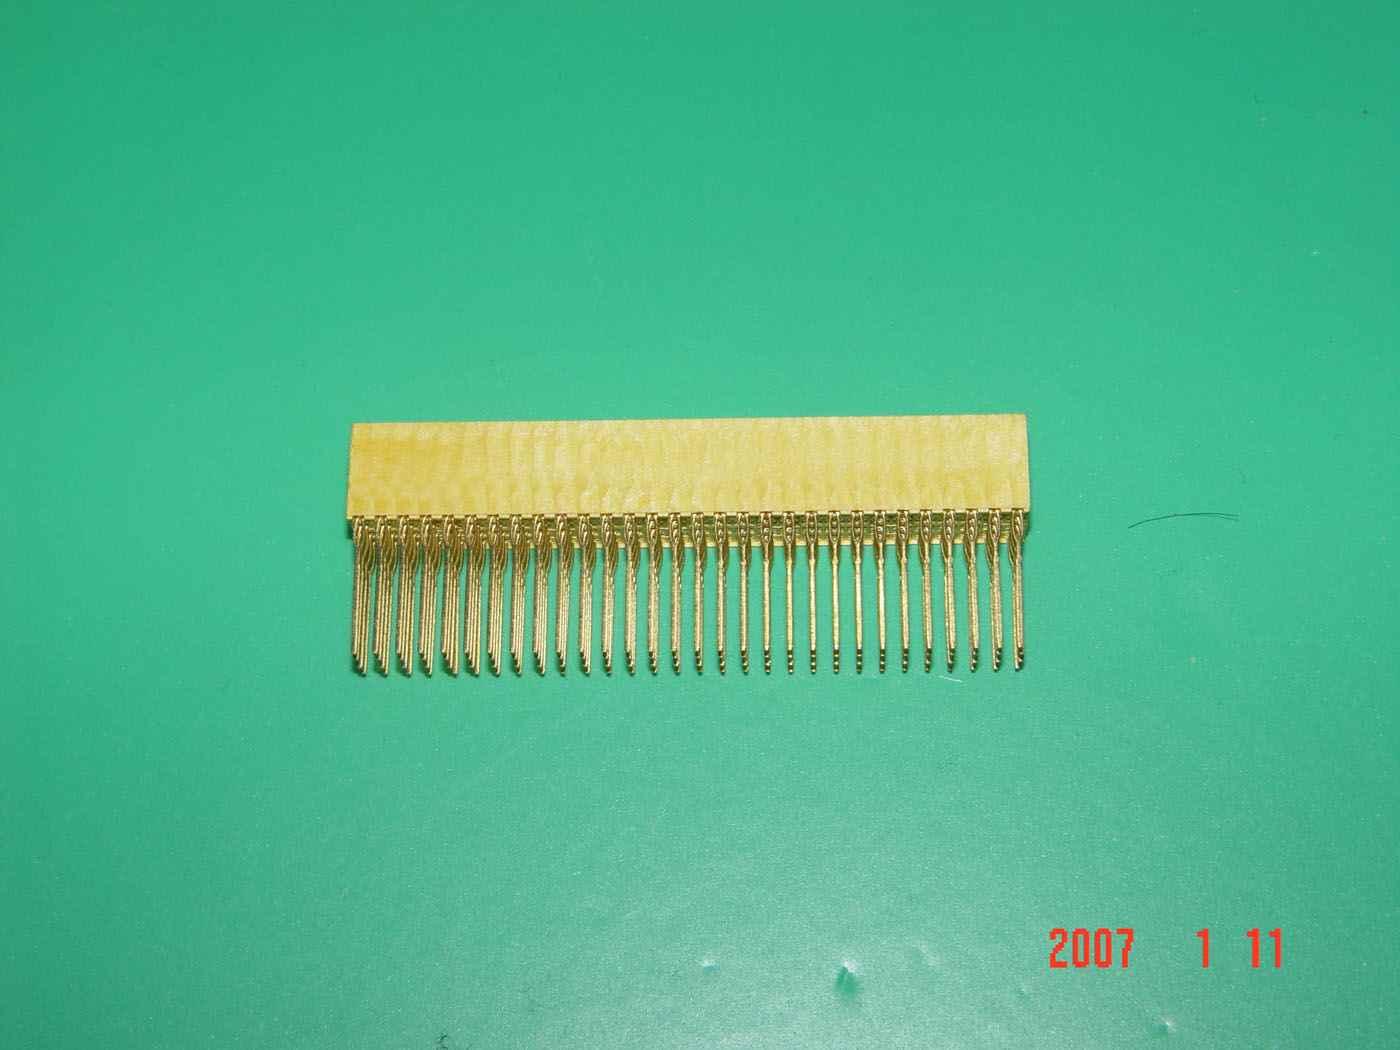 总线/锁紧/CY401/SYD/PC104 第9张